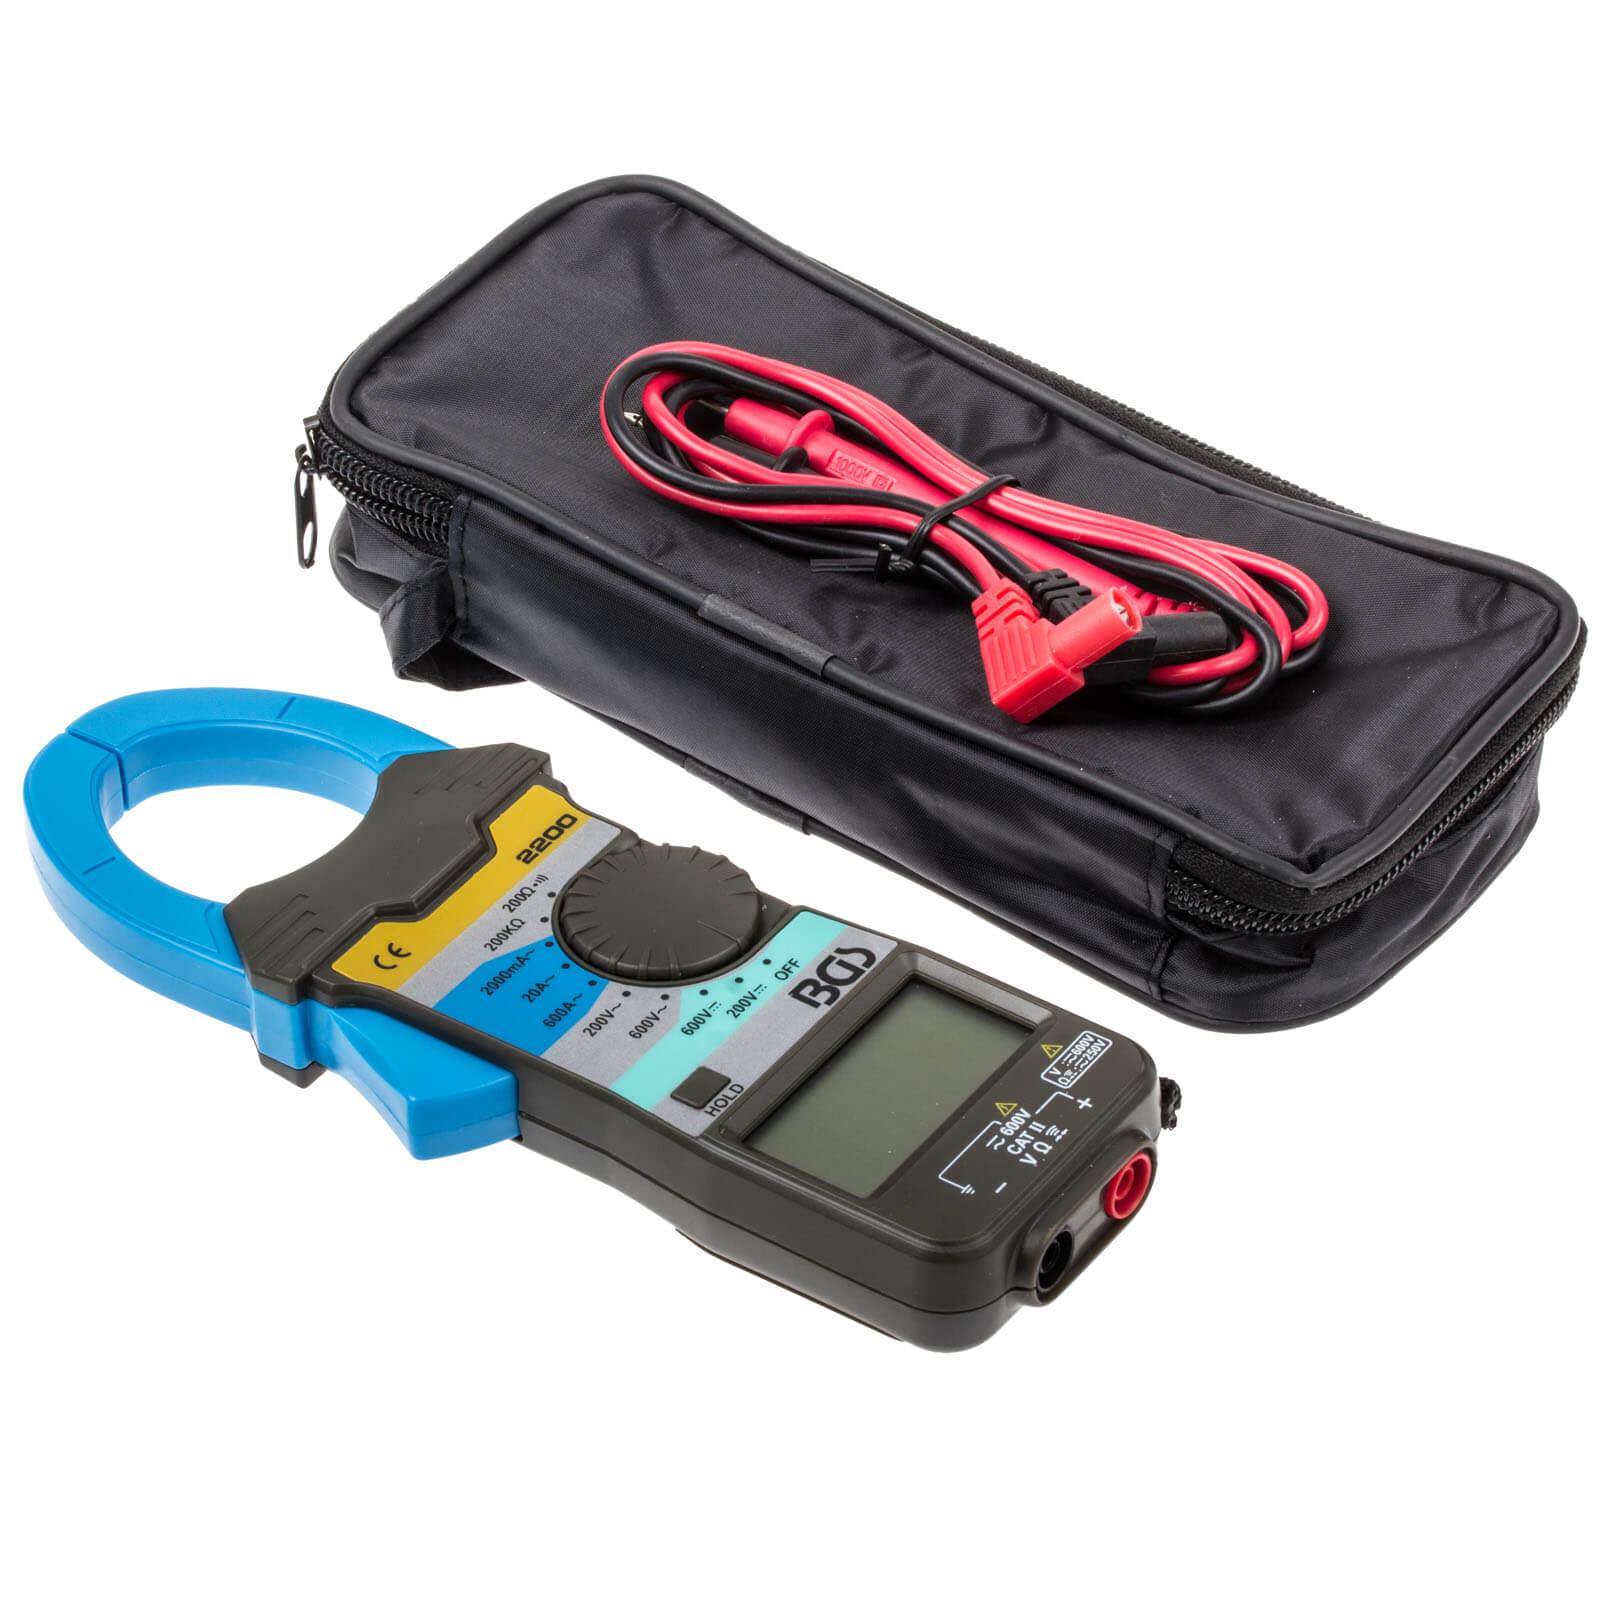 Zangen-Multimeter-Stromzange-Amperemeter-Zangen-Strommesszange-Zangenamperemeter